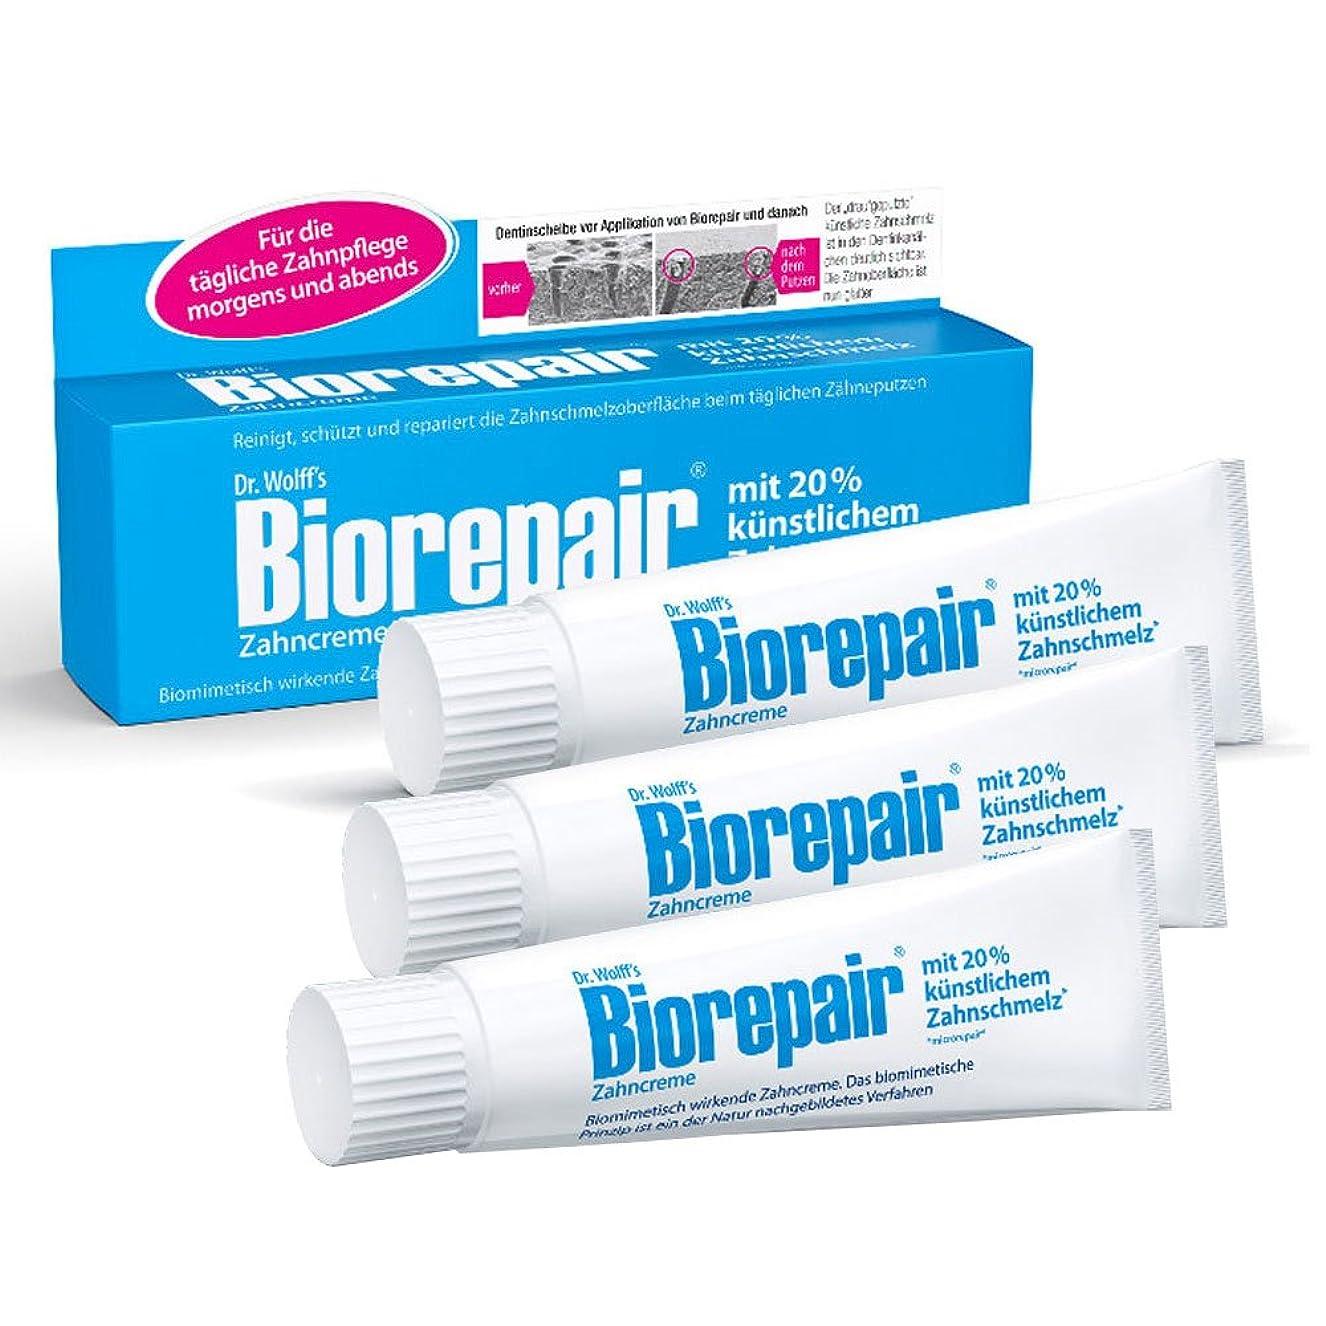 できた余裕があるレールBiorepair 歯磨き粉オリジナル、75ml 歯の保護 耐摩耗性 x 3 [並行輸入品]